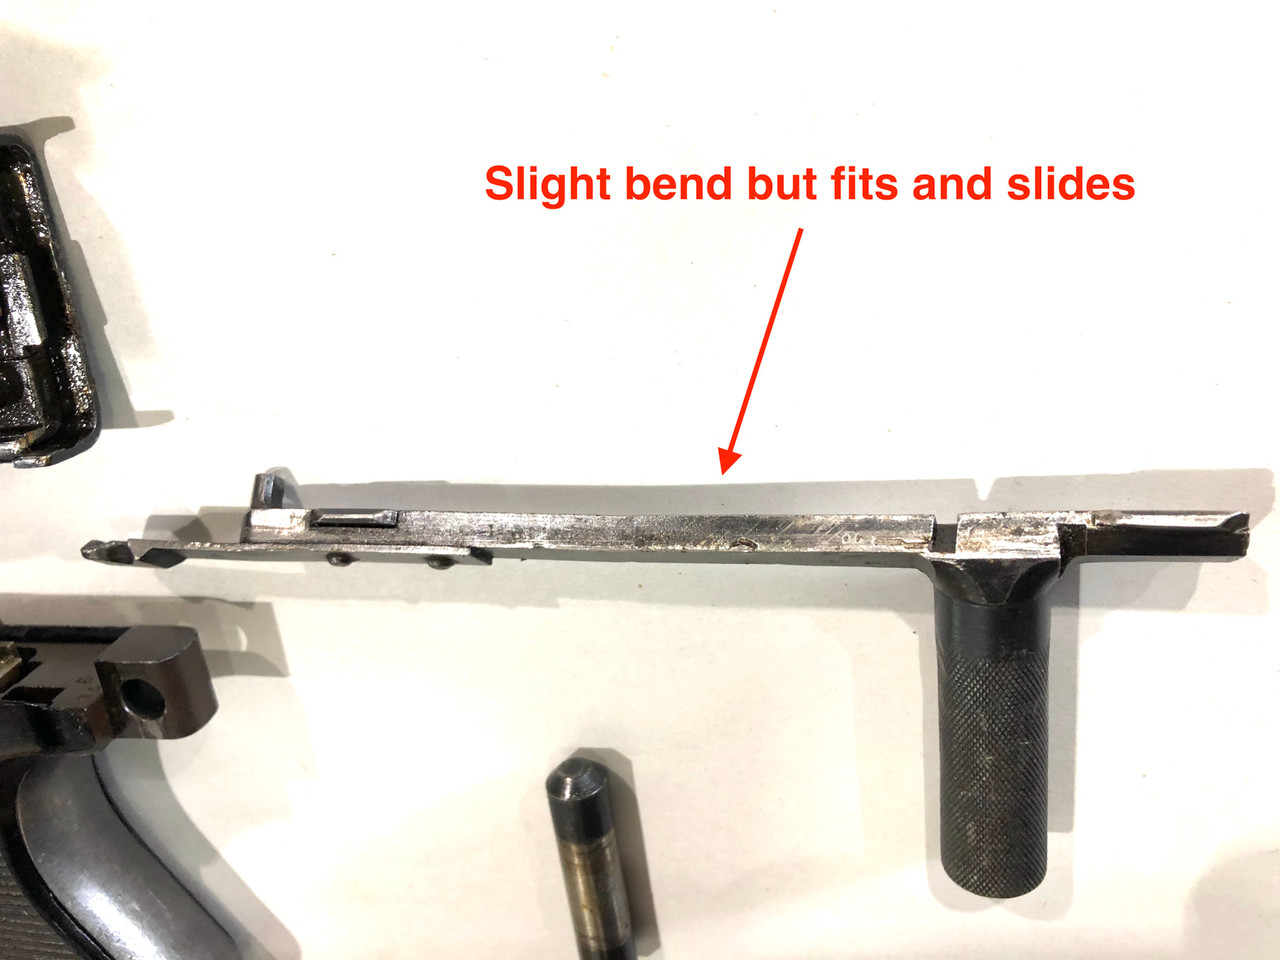 MG34 Parts Kit 3320 - Brun markings - SHIPS FREE